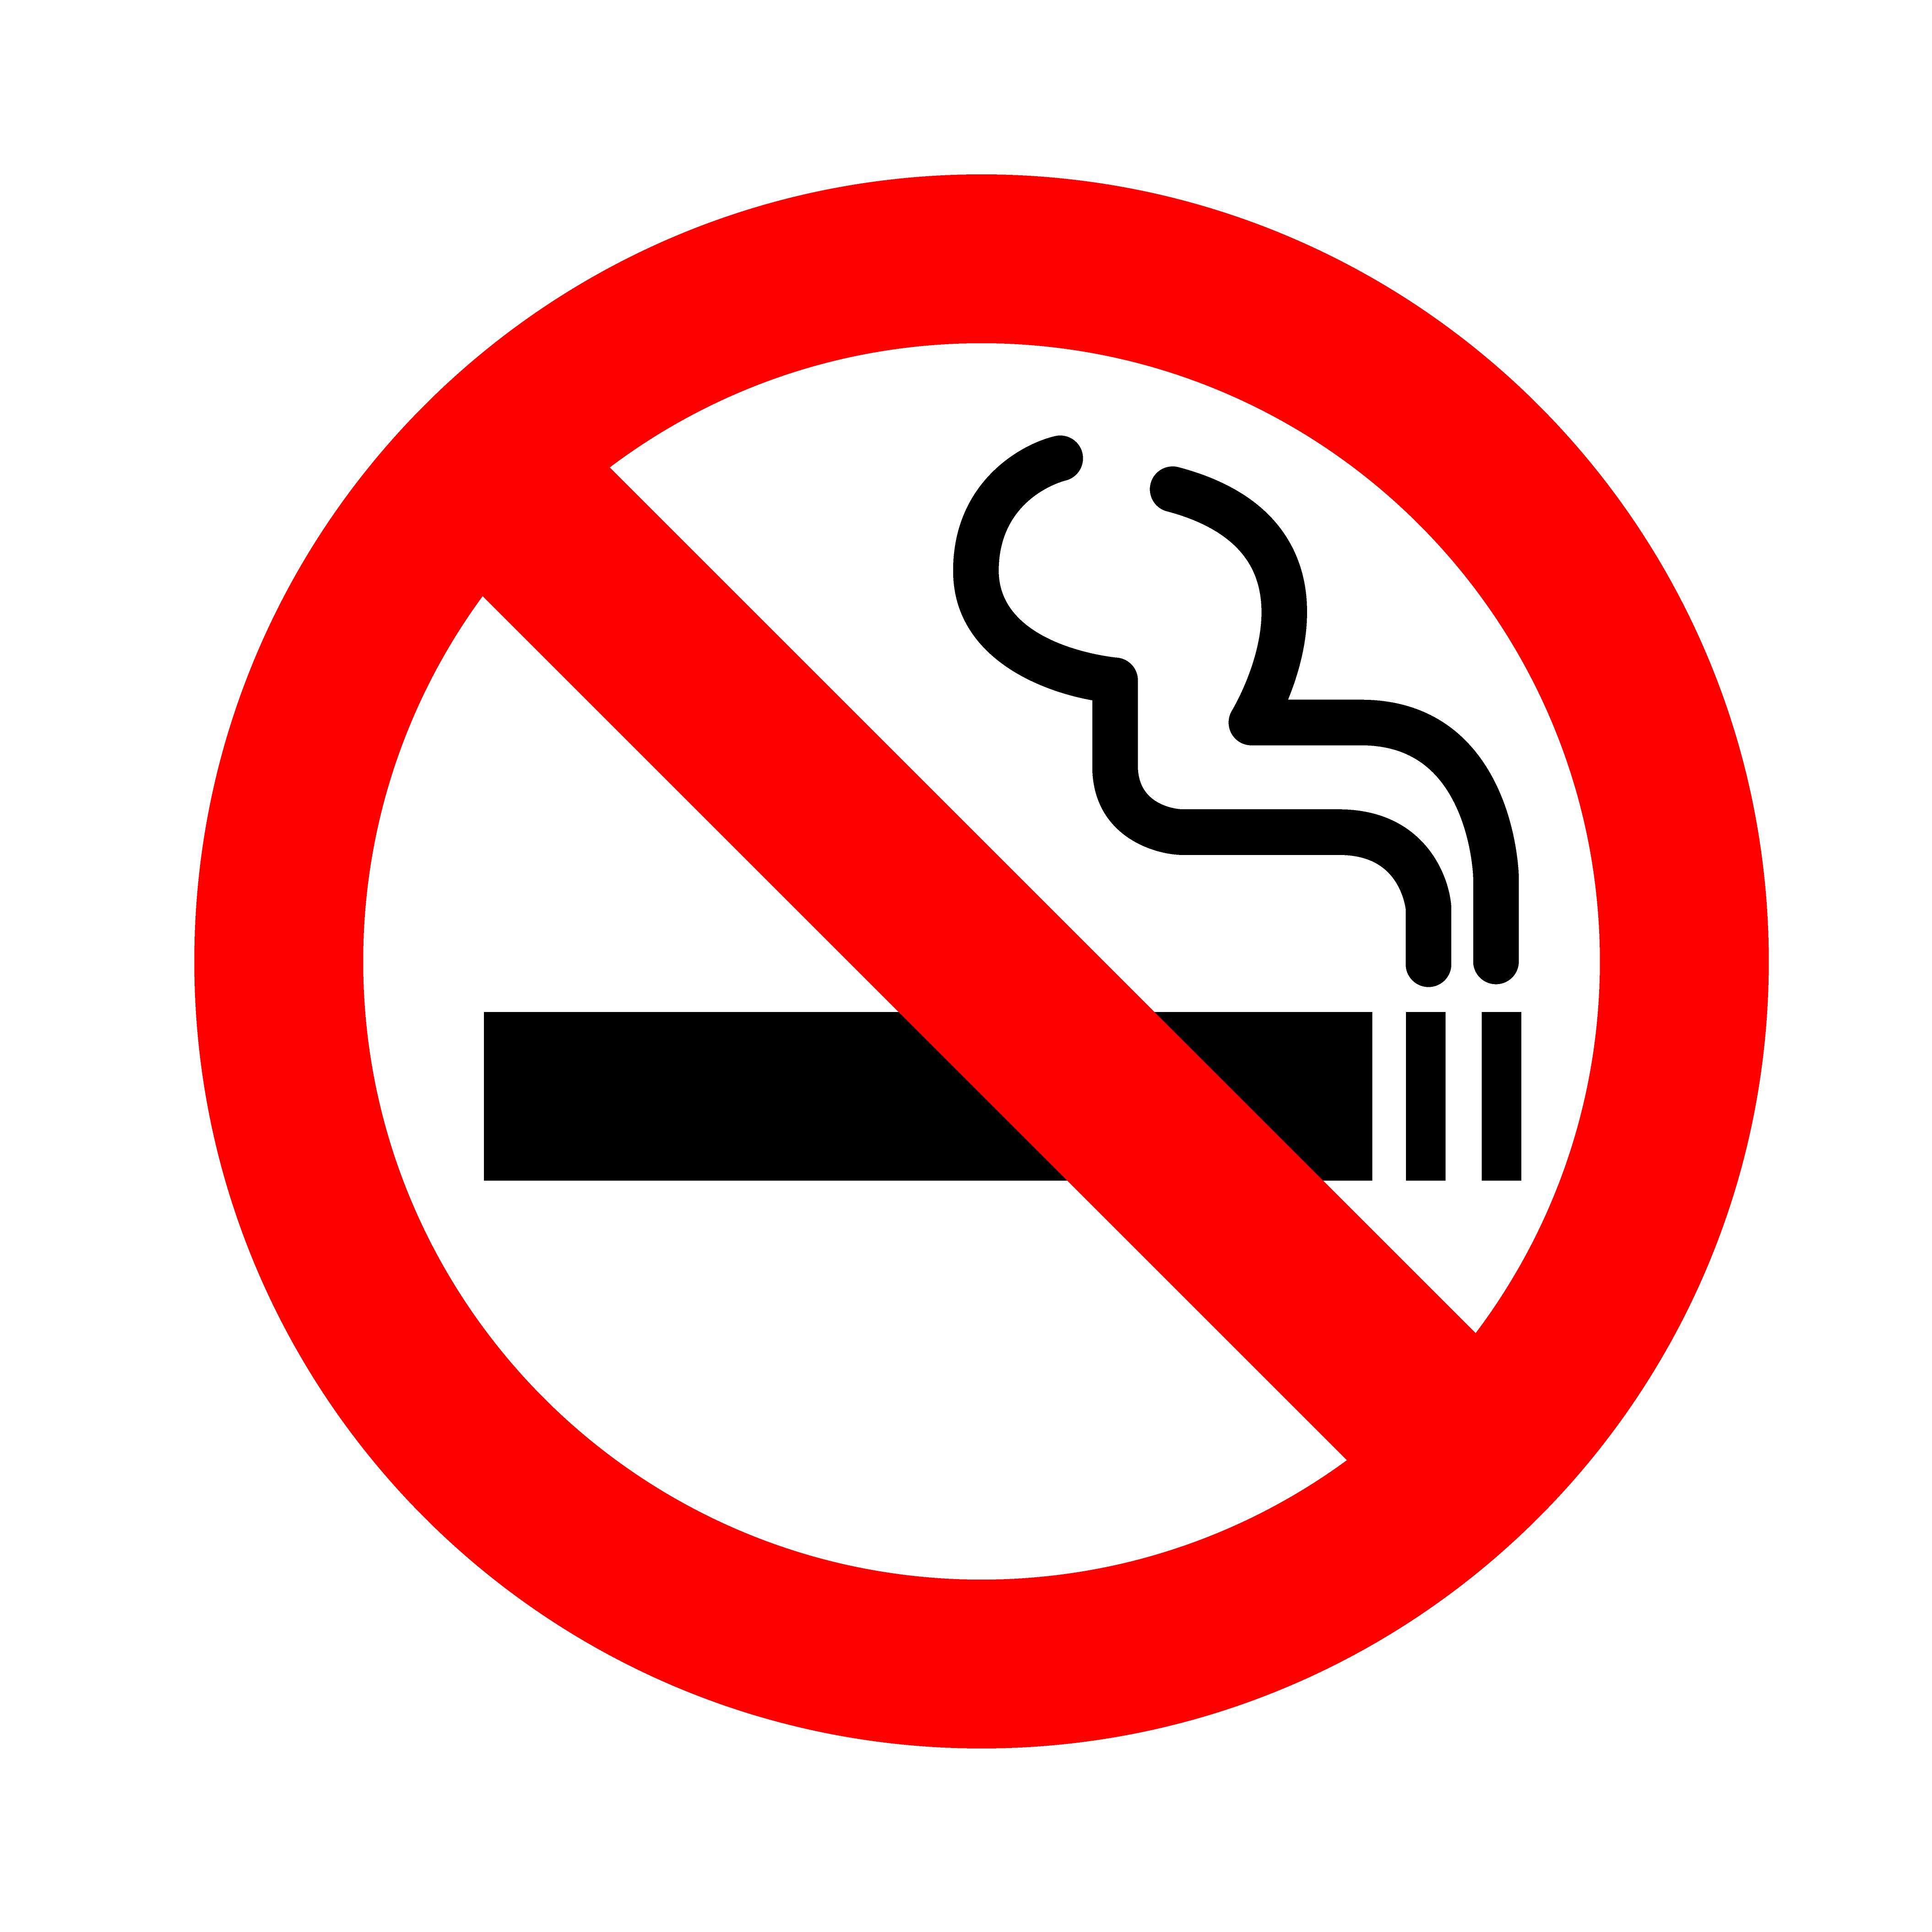 タバコを吸う(喫煙)と認知症のリスクを高める